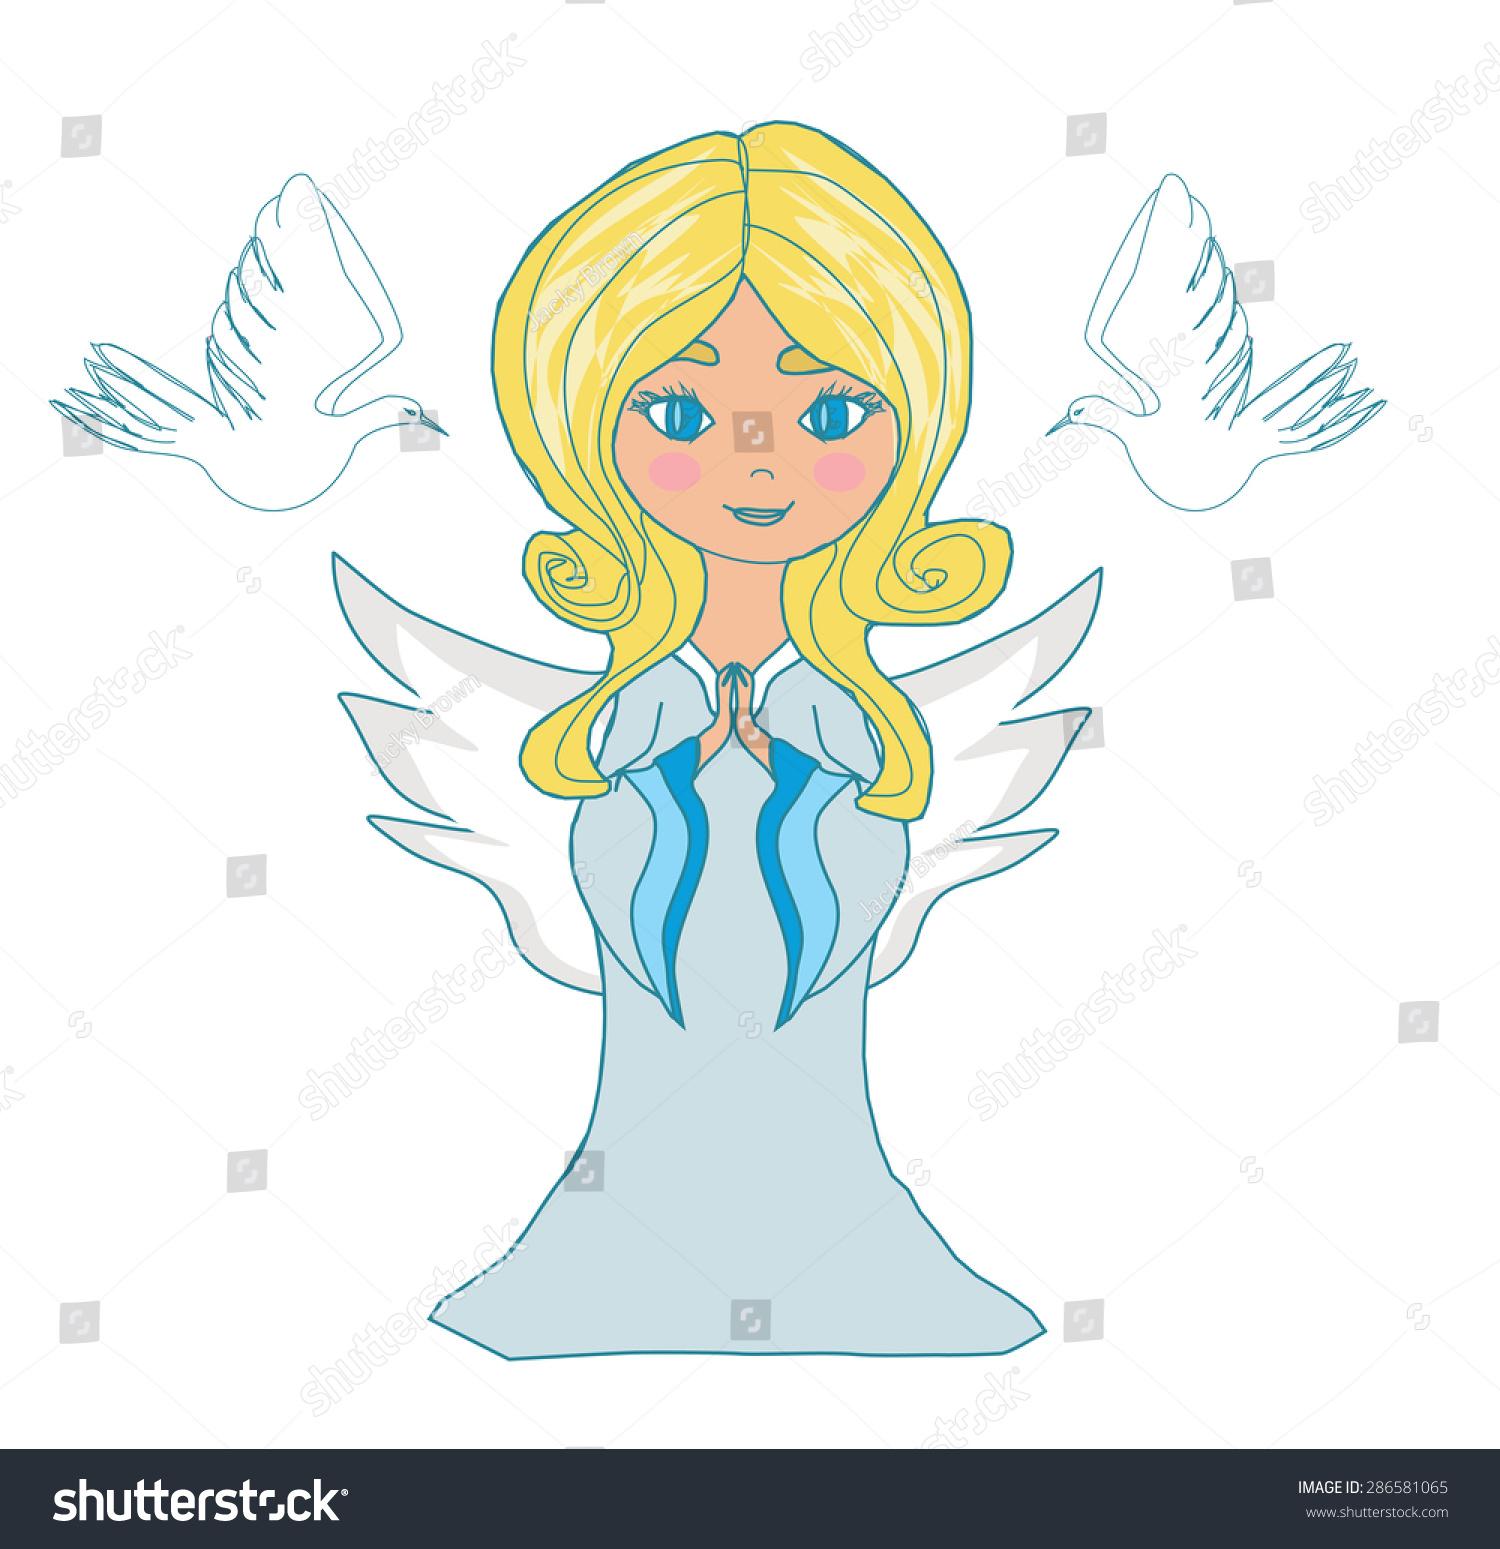 可爱的小女孩天使和两只斑鸠-动物/野生生物